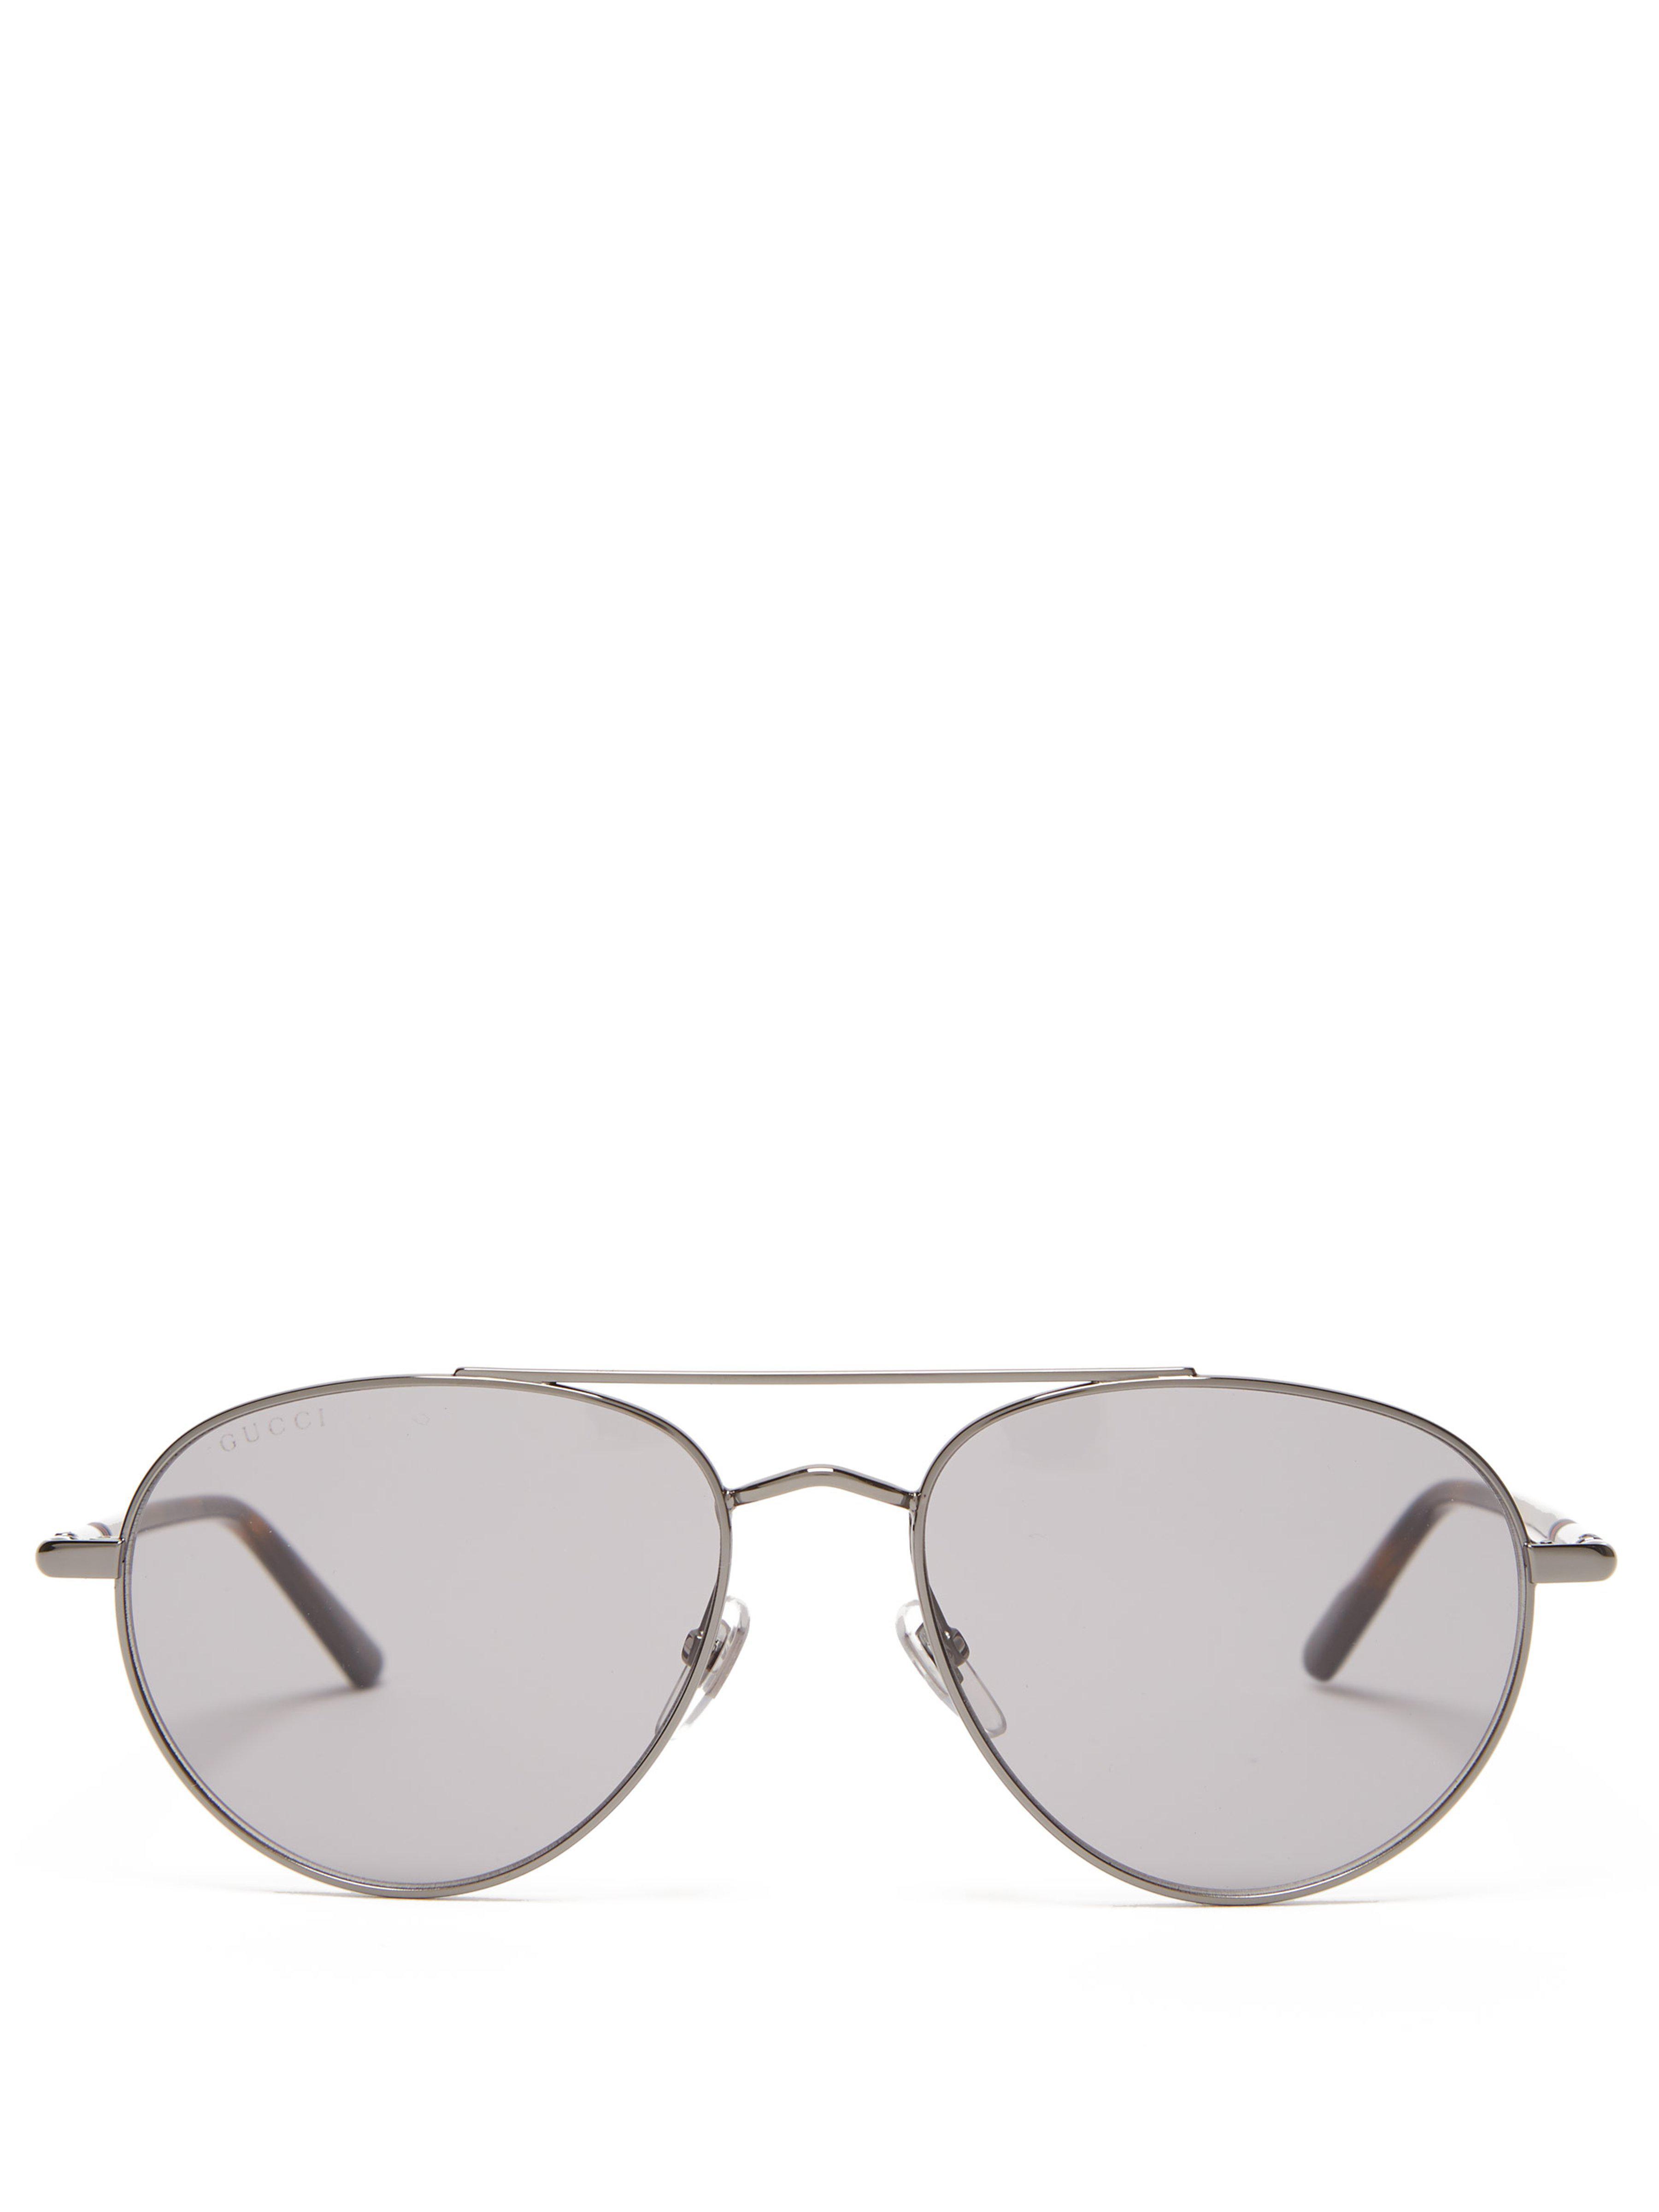 6fa8749e54056 Lyst - Lunettes de soleil aviateur en acétate et métal Gucci pour ...